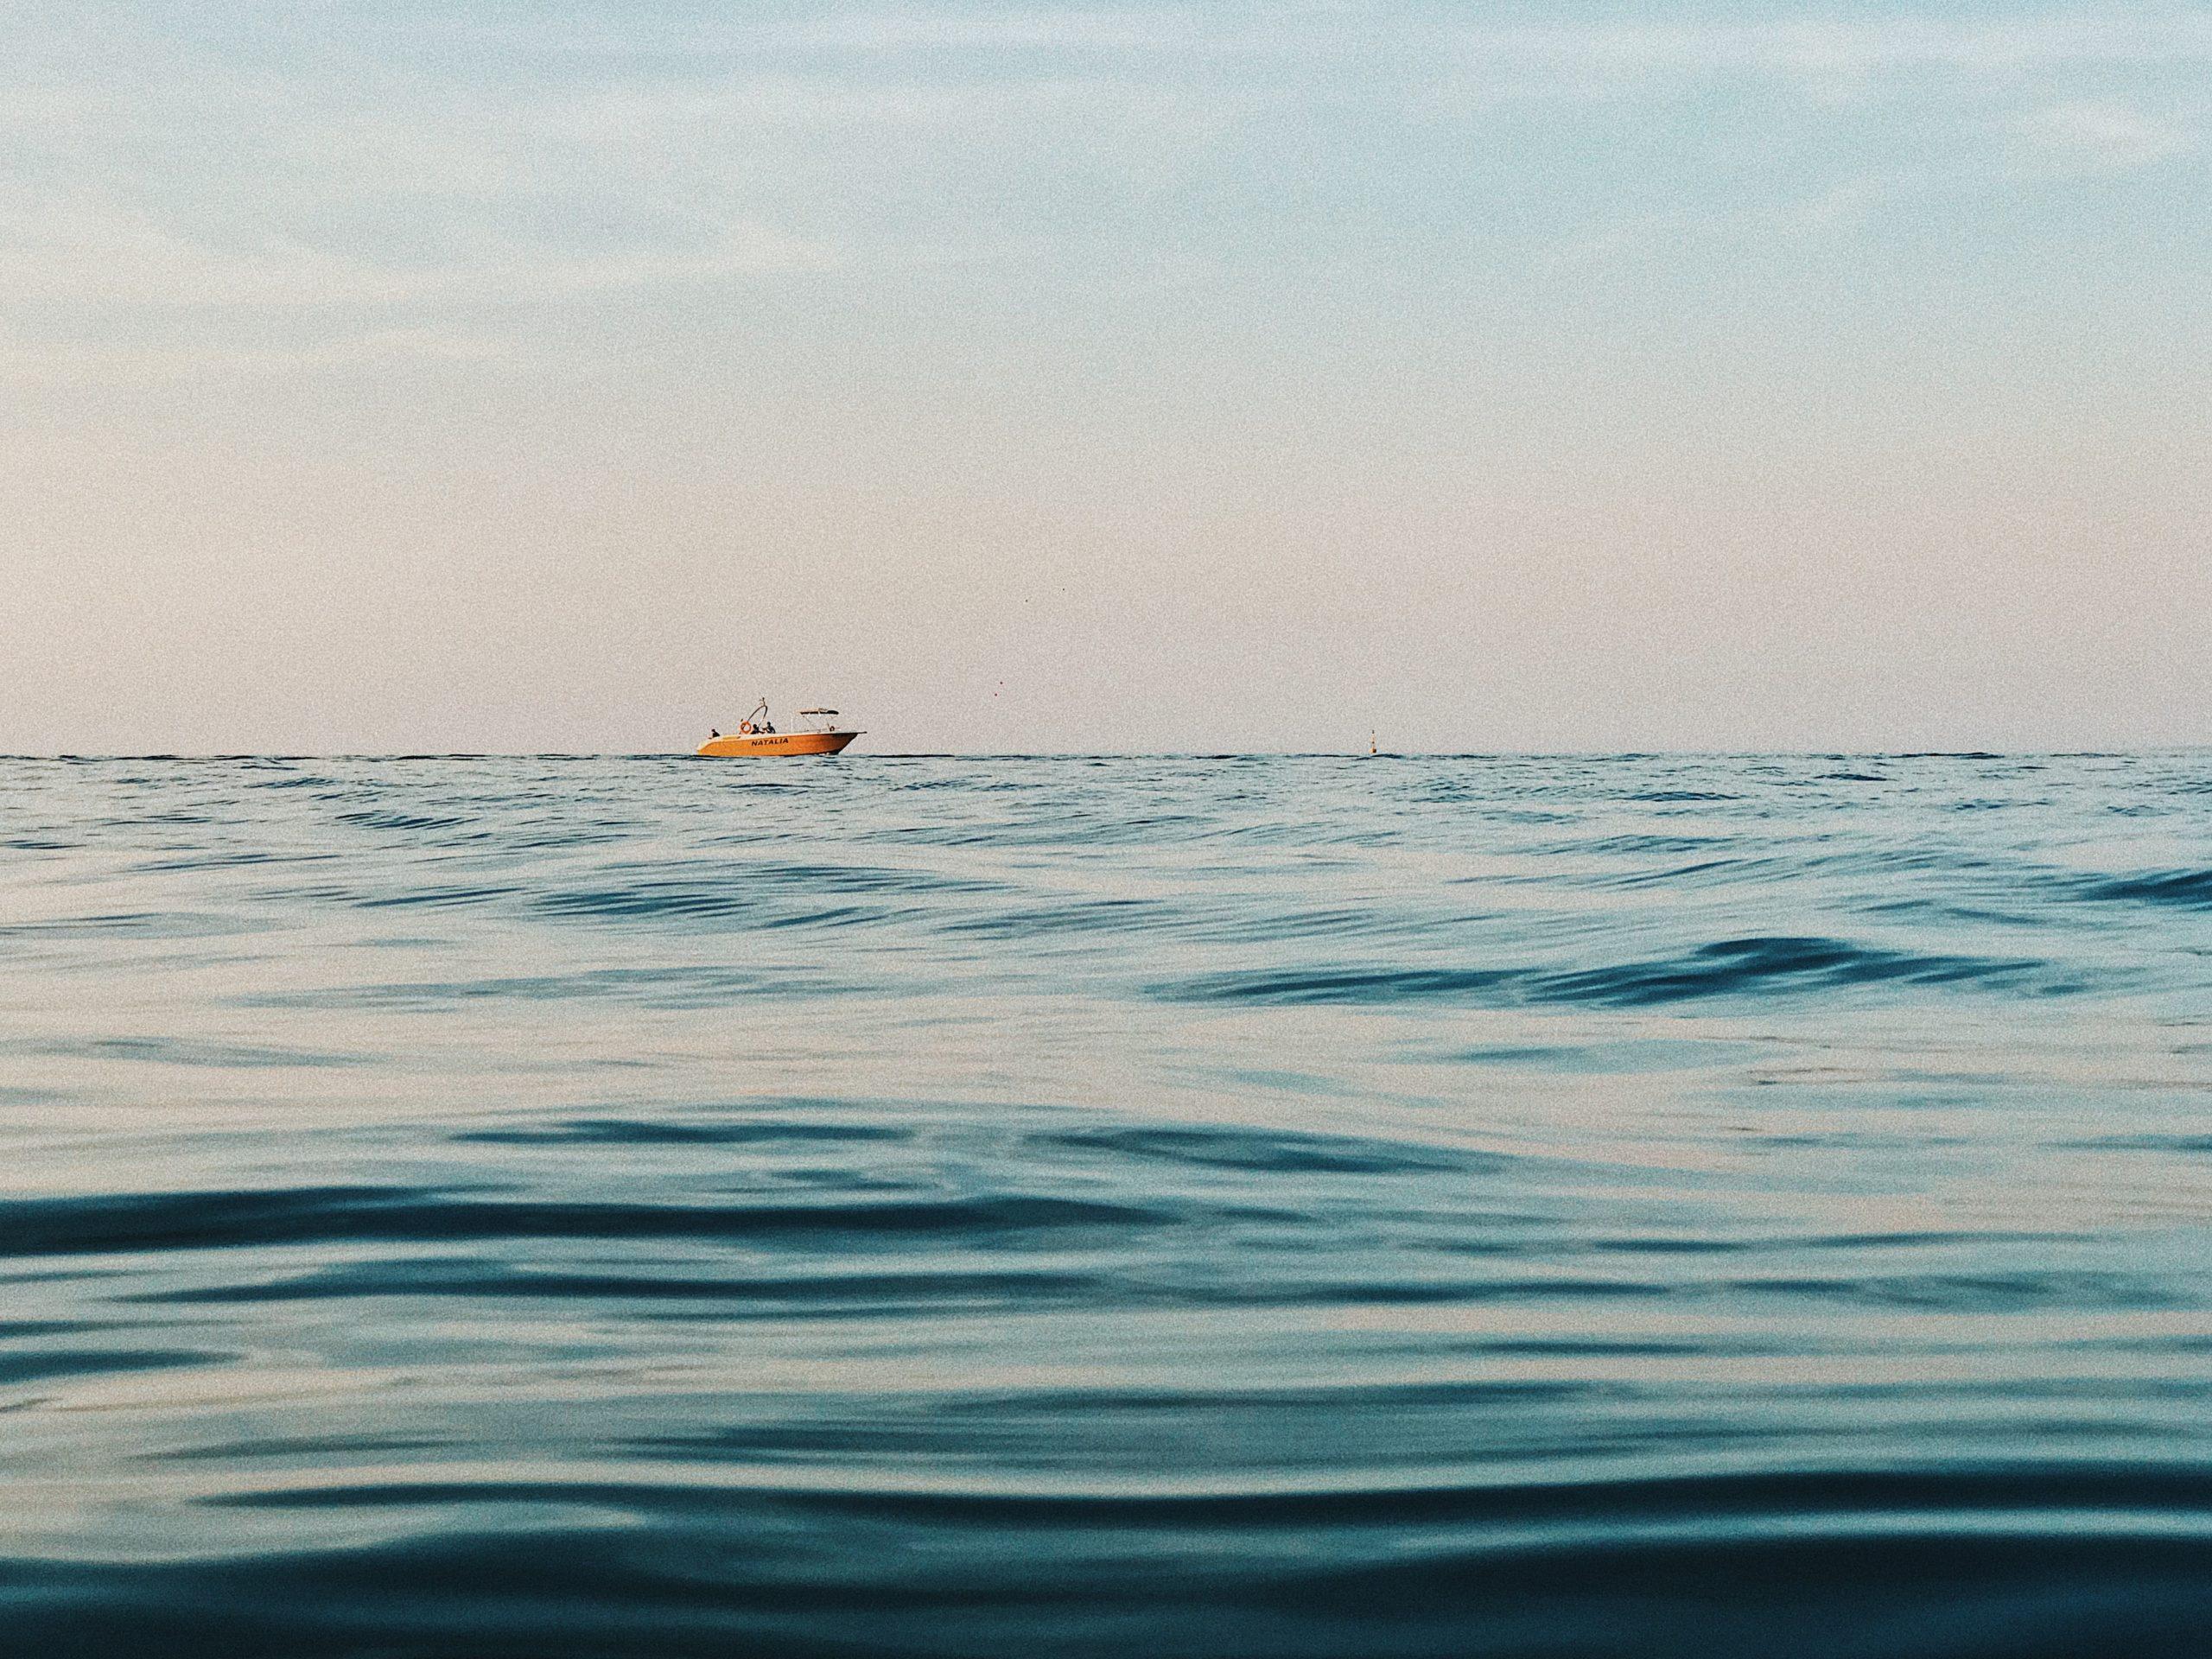 CapitalPanda   Analýza společnosti Capital Panda na téma nového naleziště zemního plynu v Černém moři